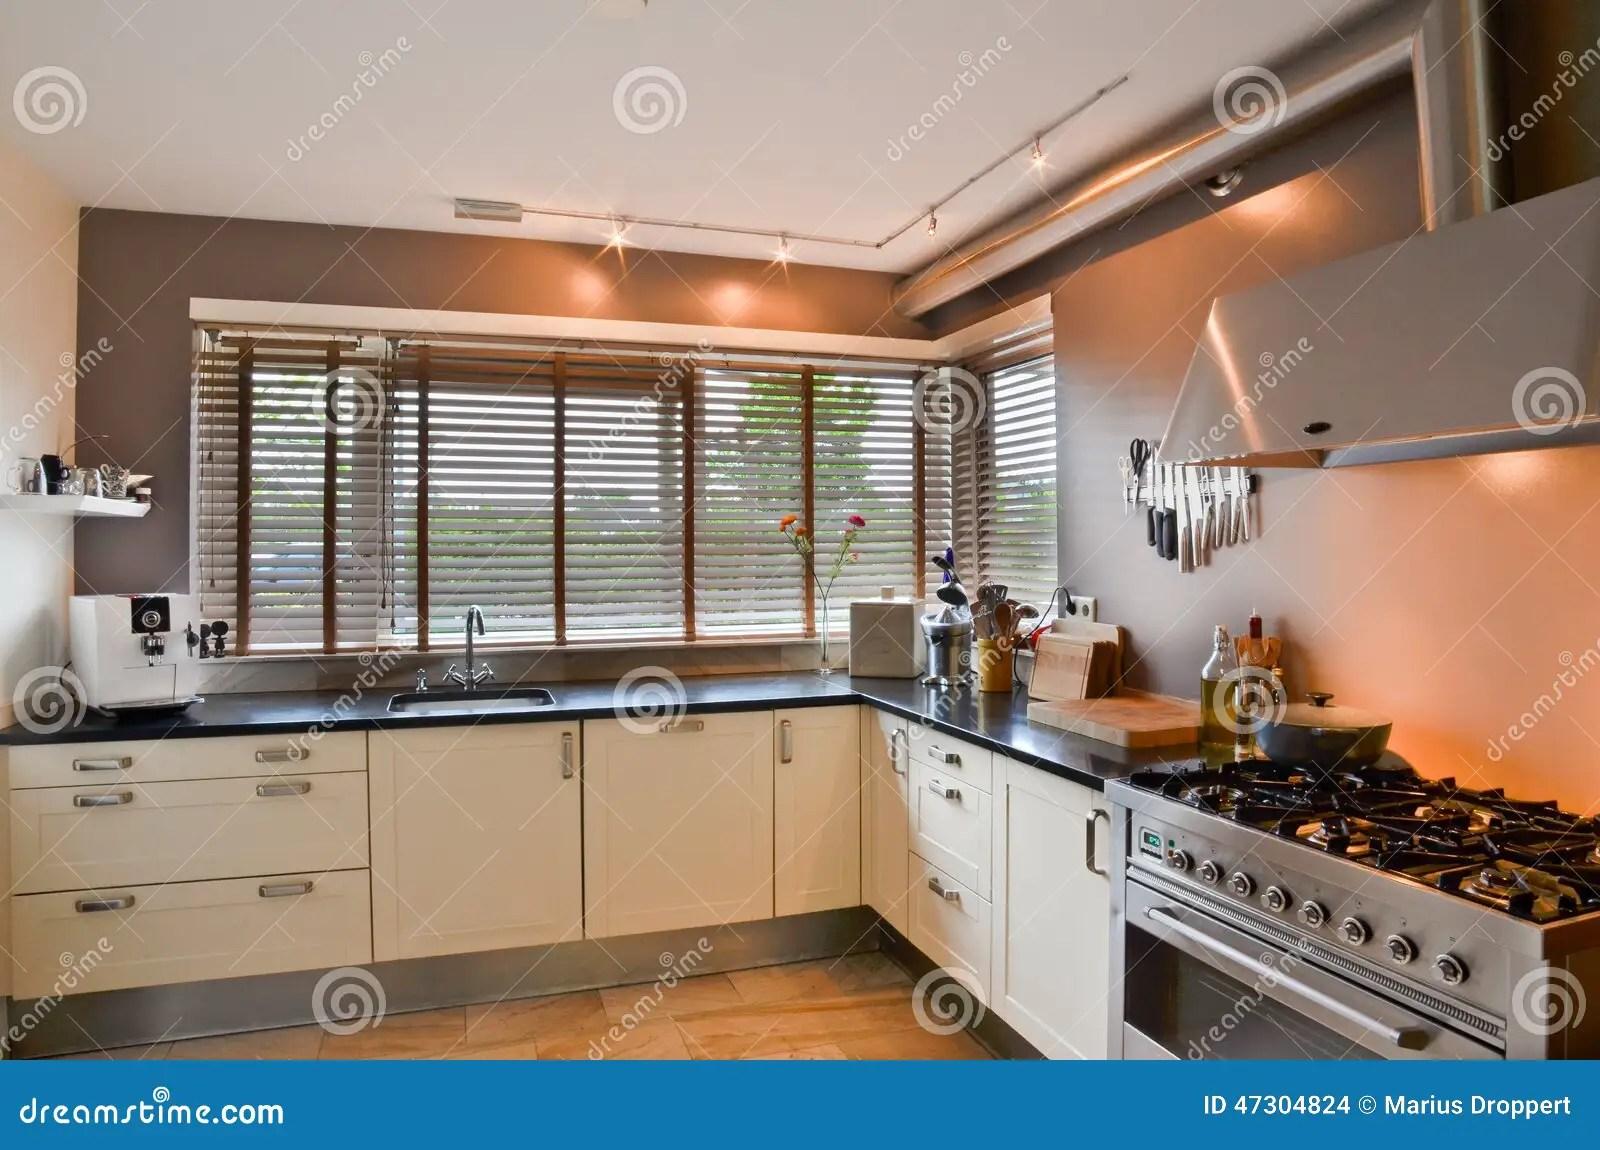 kitchen inventory cabinet trim installation 有不锈的火炉和木地板的现代厨房库存照片 图片包括有墙壁 设备 方便 有不锈的火炉和木地板的现代厨房